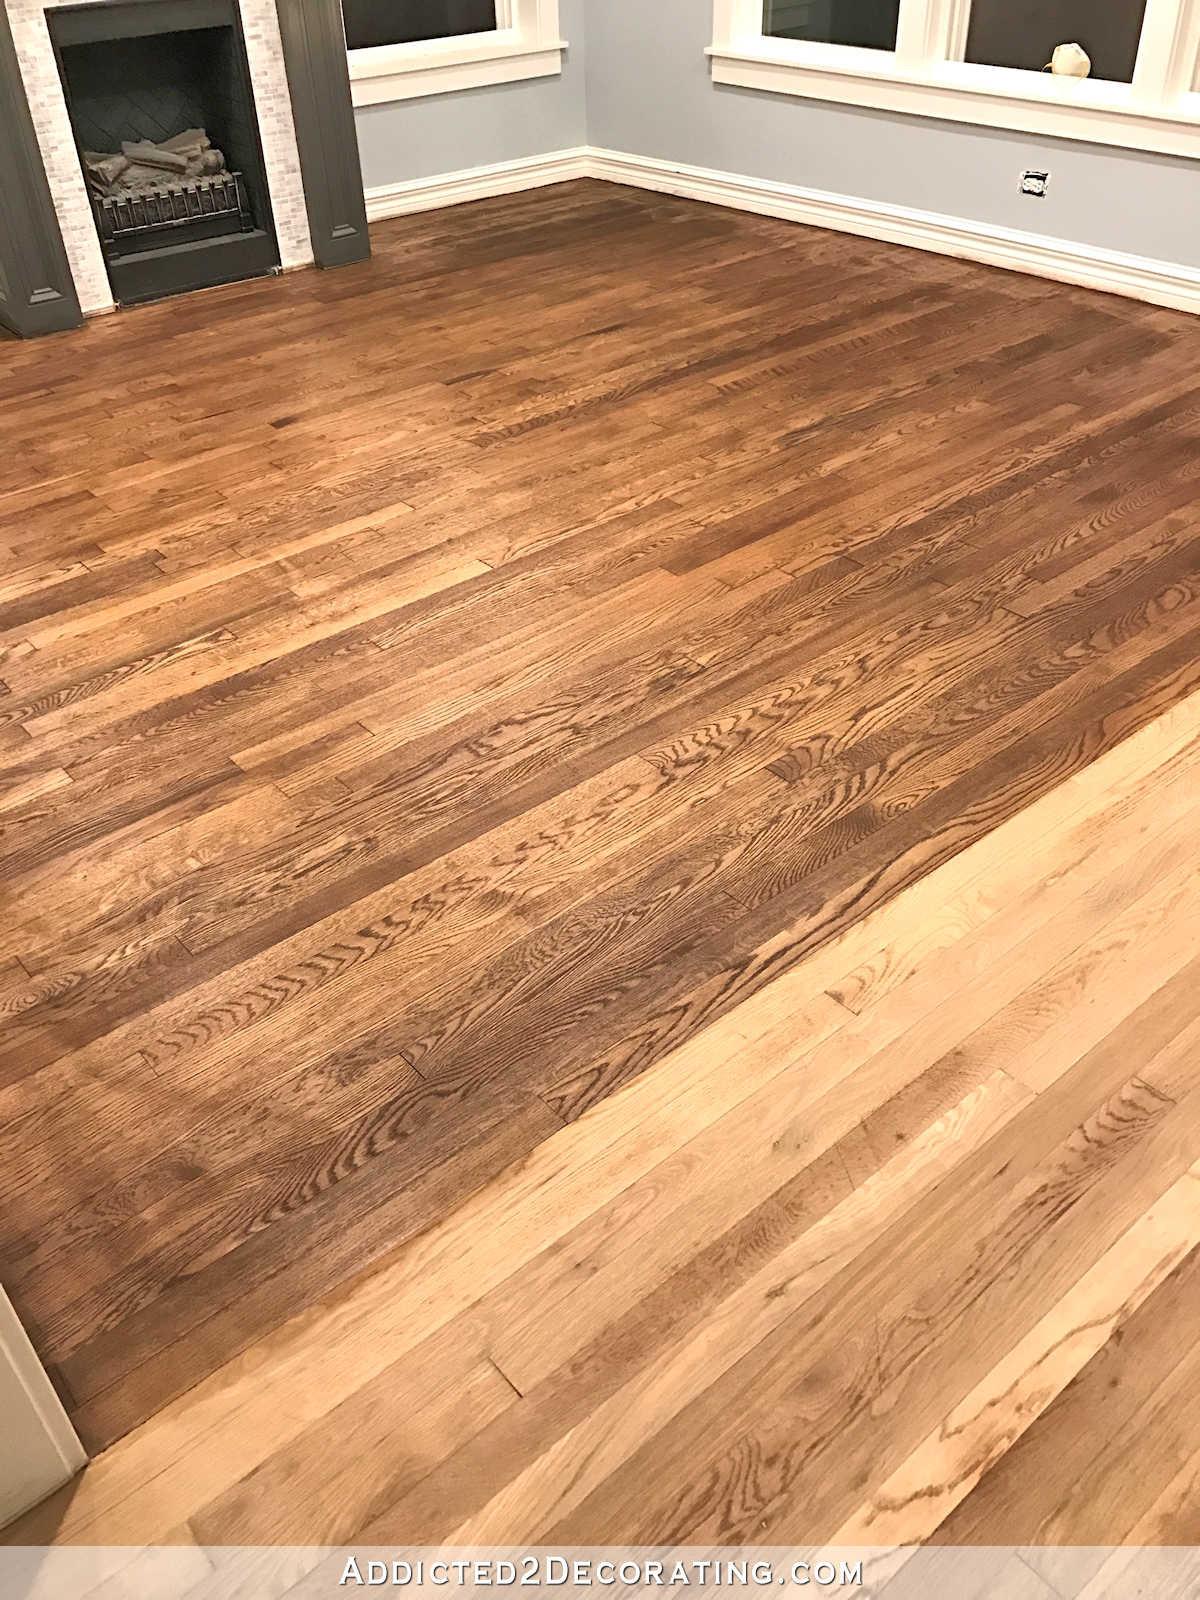 refinishing hardwood floors light to dark of adventures in staining my red oak hardwood floors products process for staining red oak hardwood floors 7 stain on the living room floor